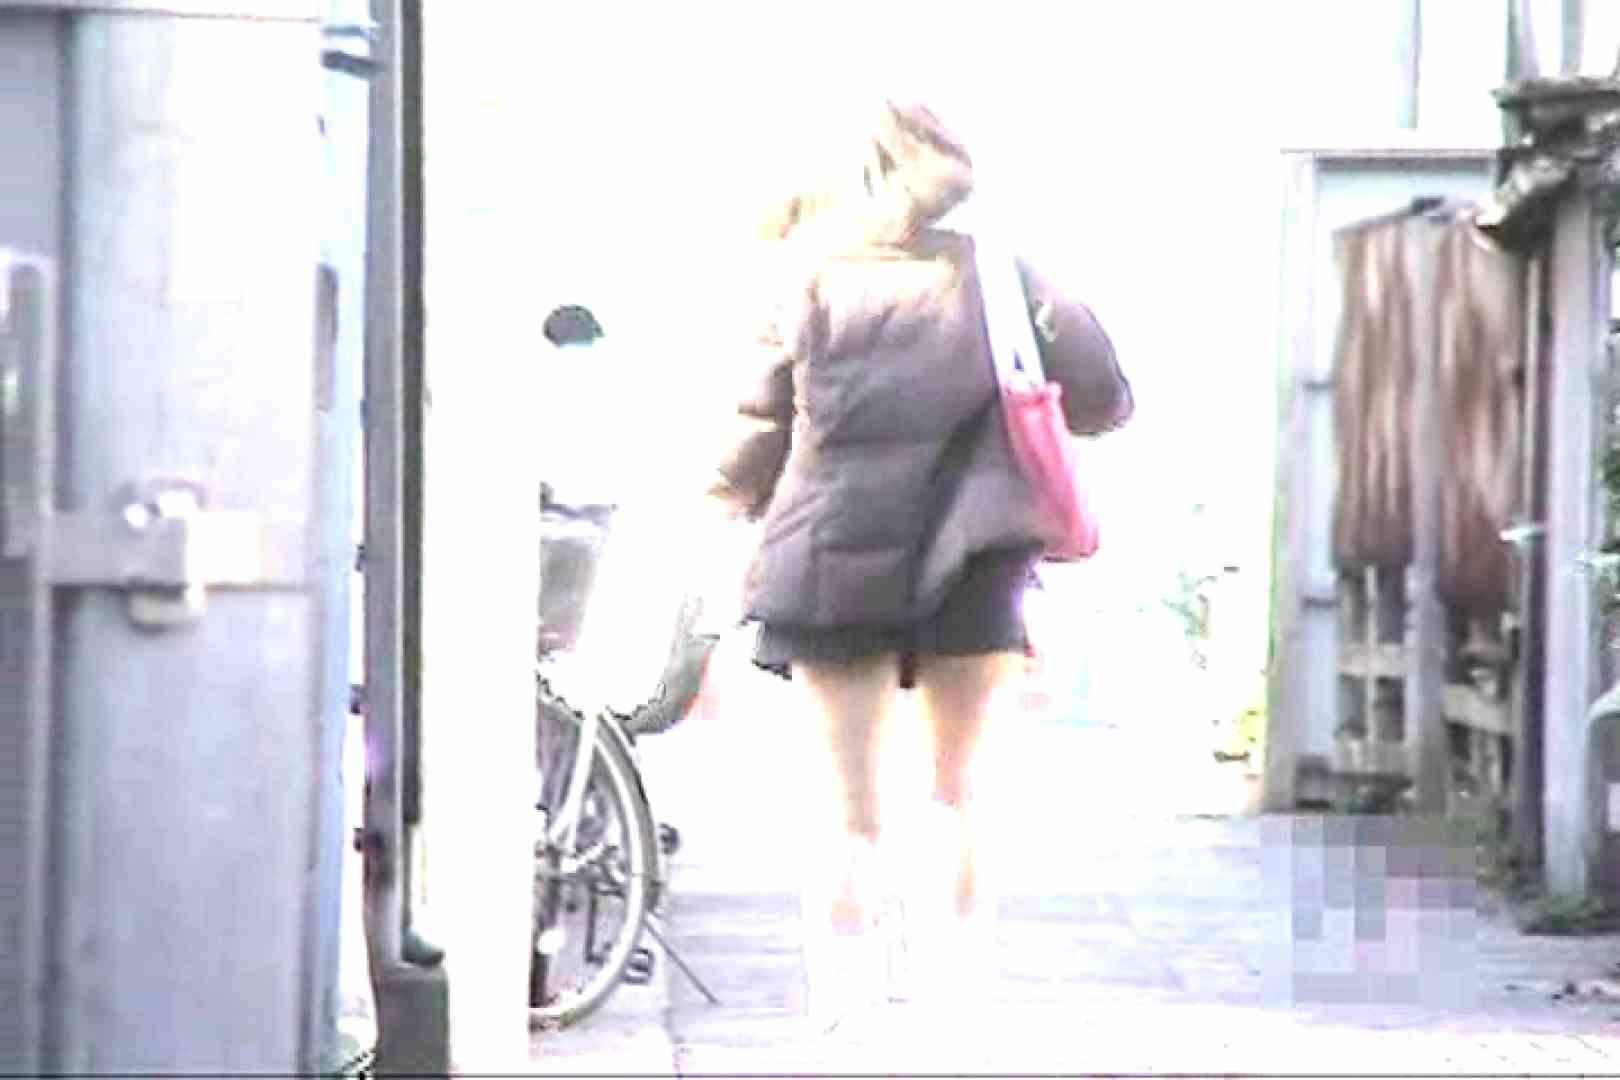 マンチラインパクトVol.12 ギャルの実態 盗撮ヌード画像 102pic 26